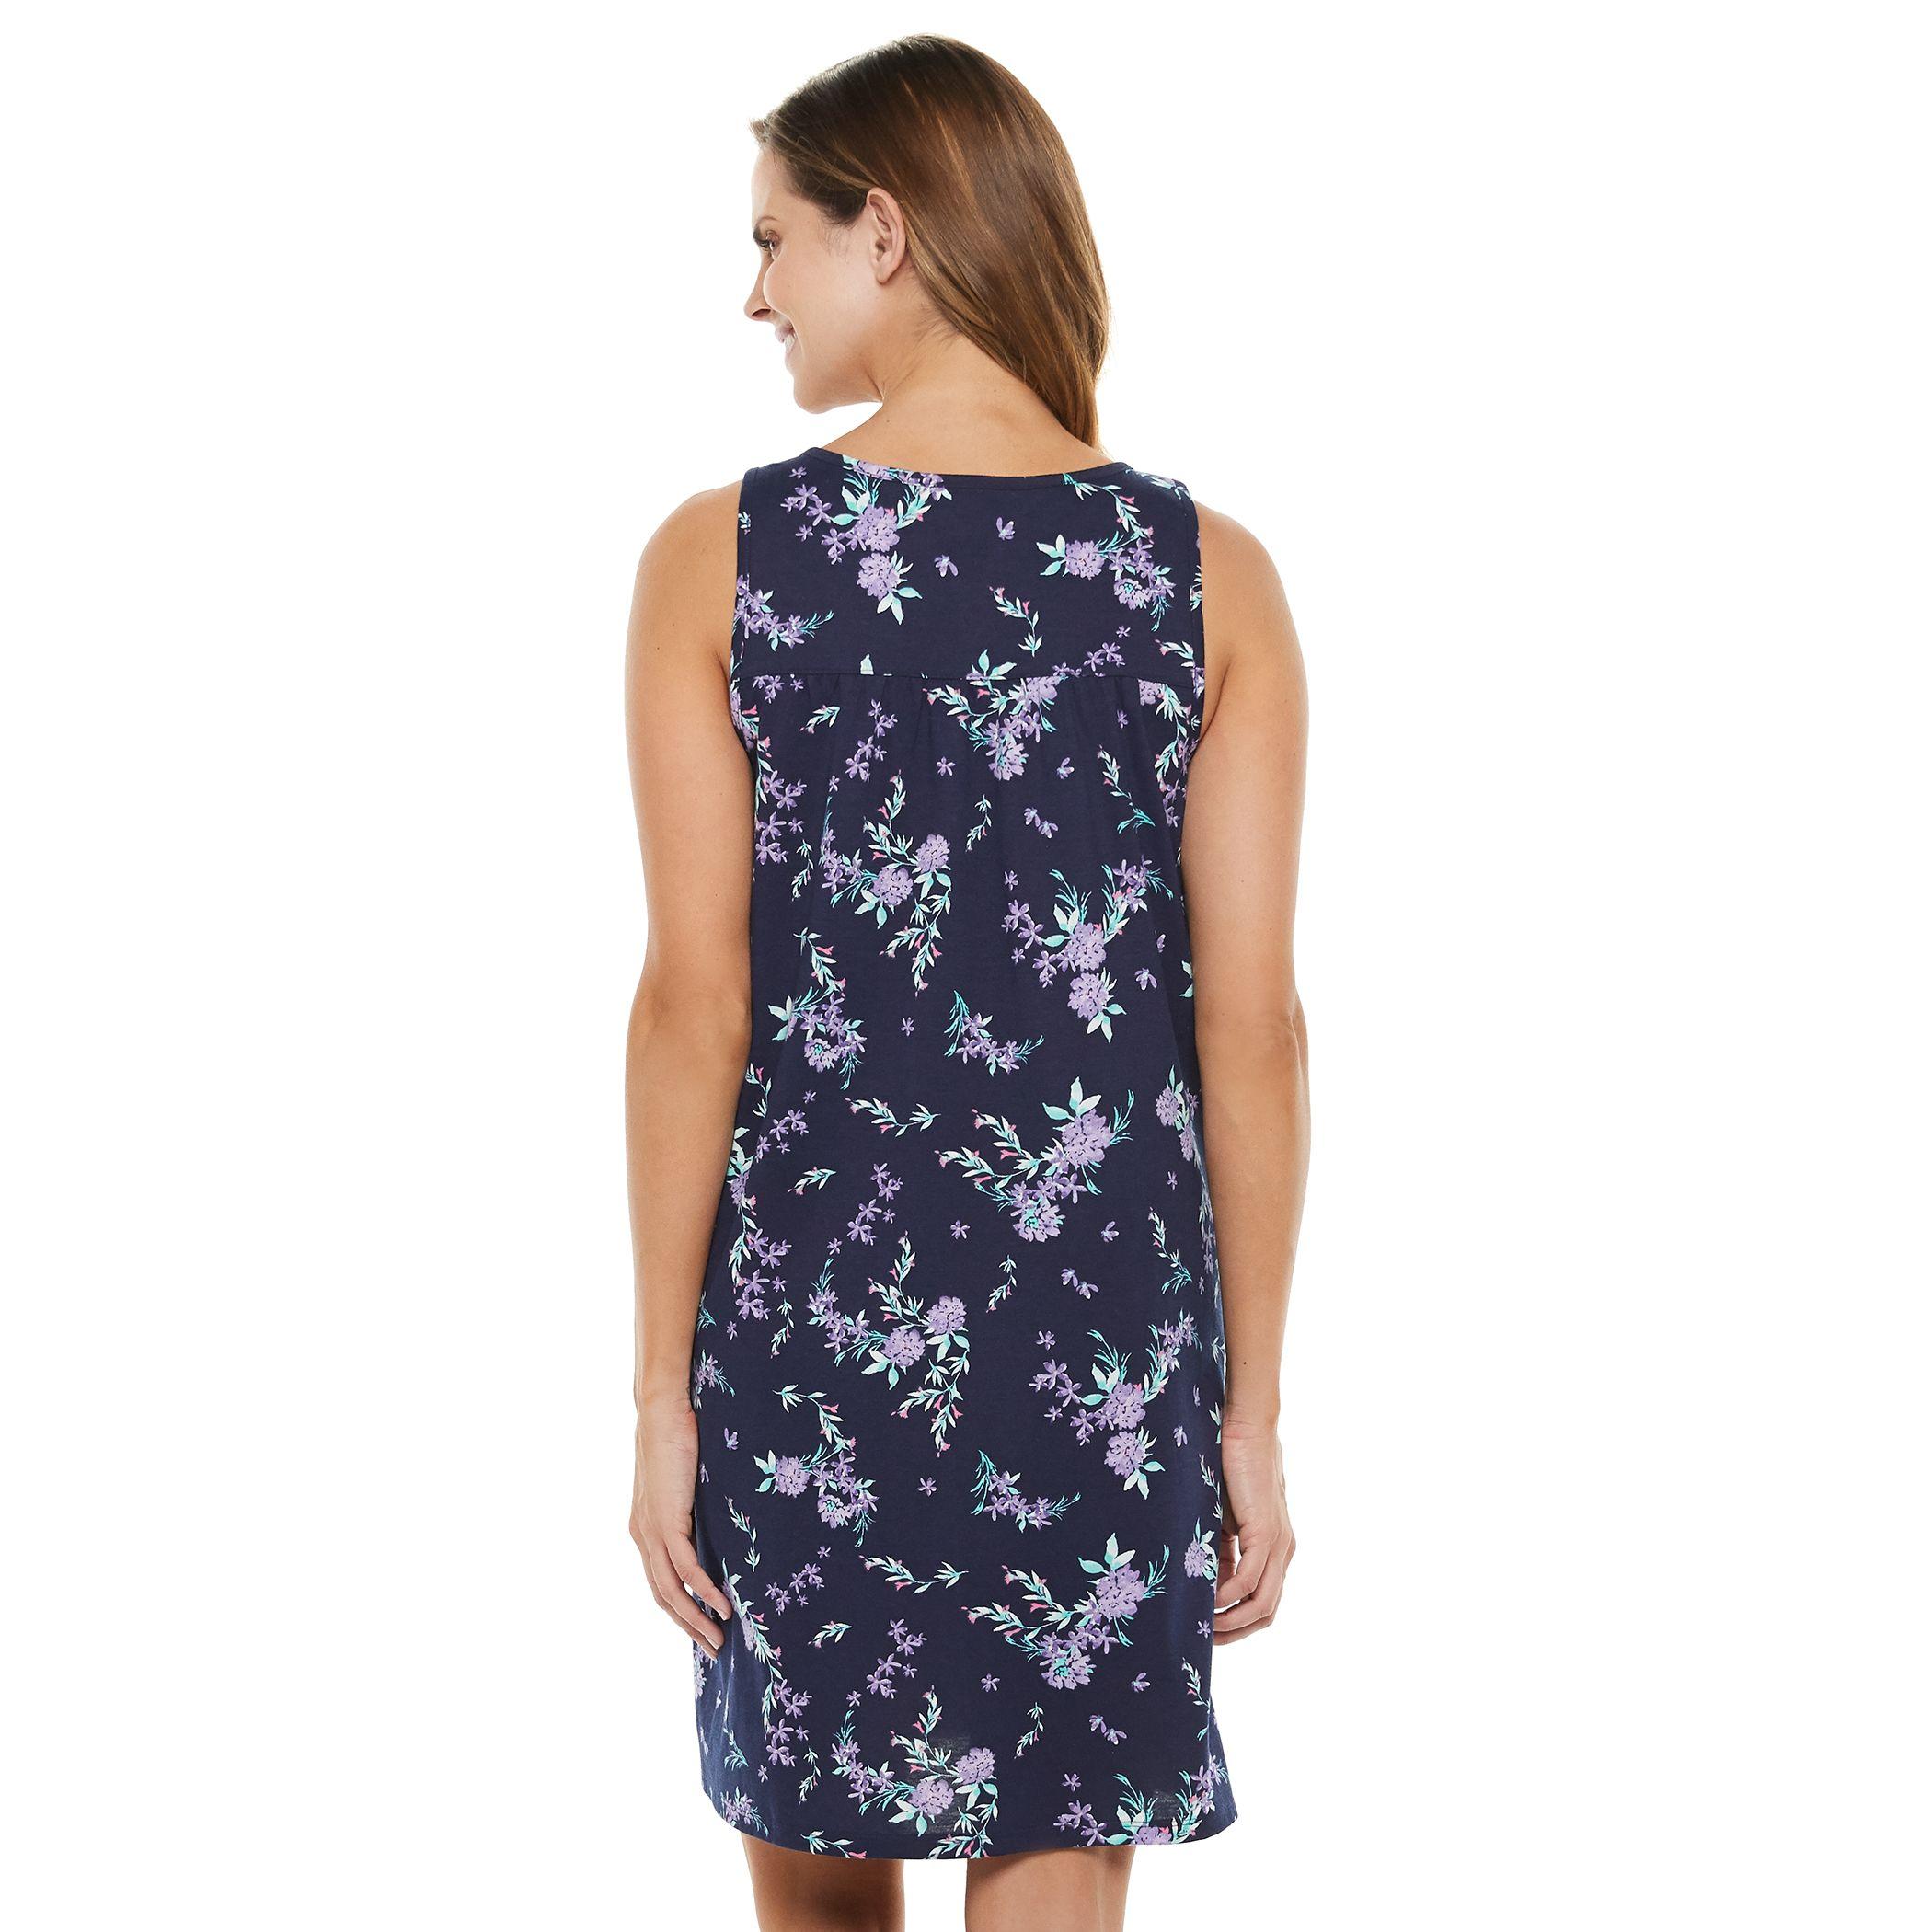 Women's Croft & Barrow® Pintuck Sleeveless Nightgown